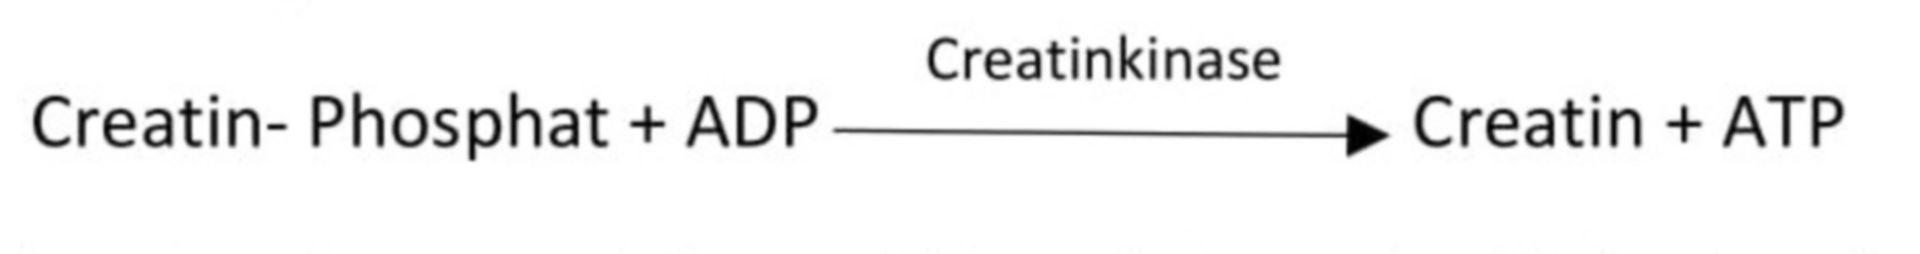 Regeneration von ATP aus Creatin- Phosphat